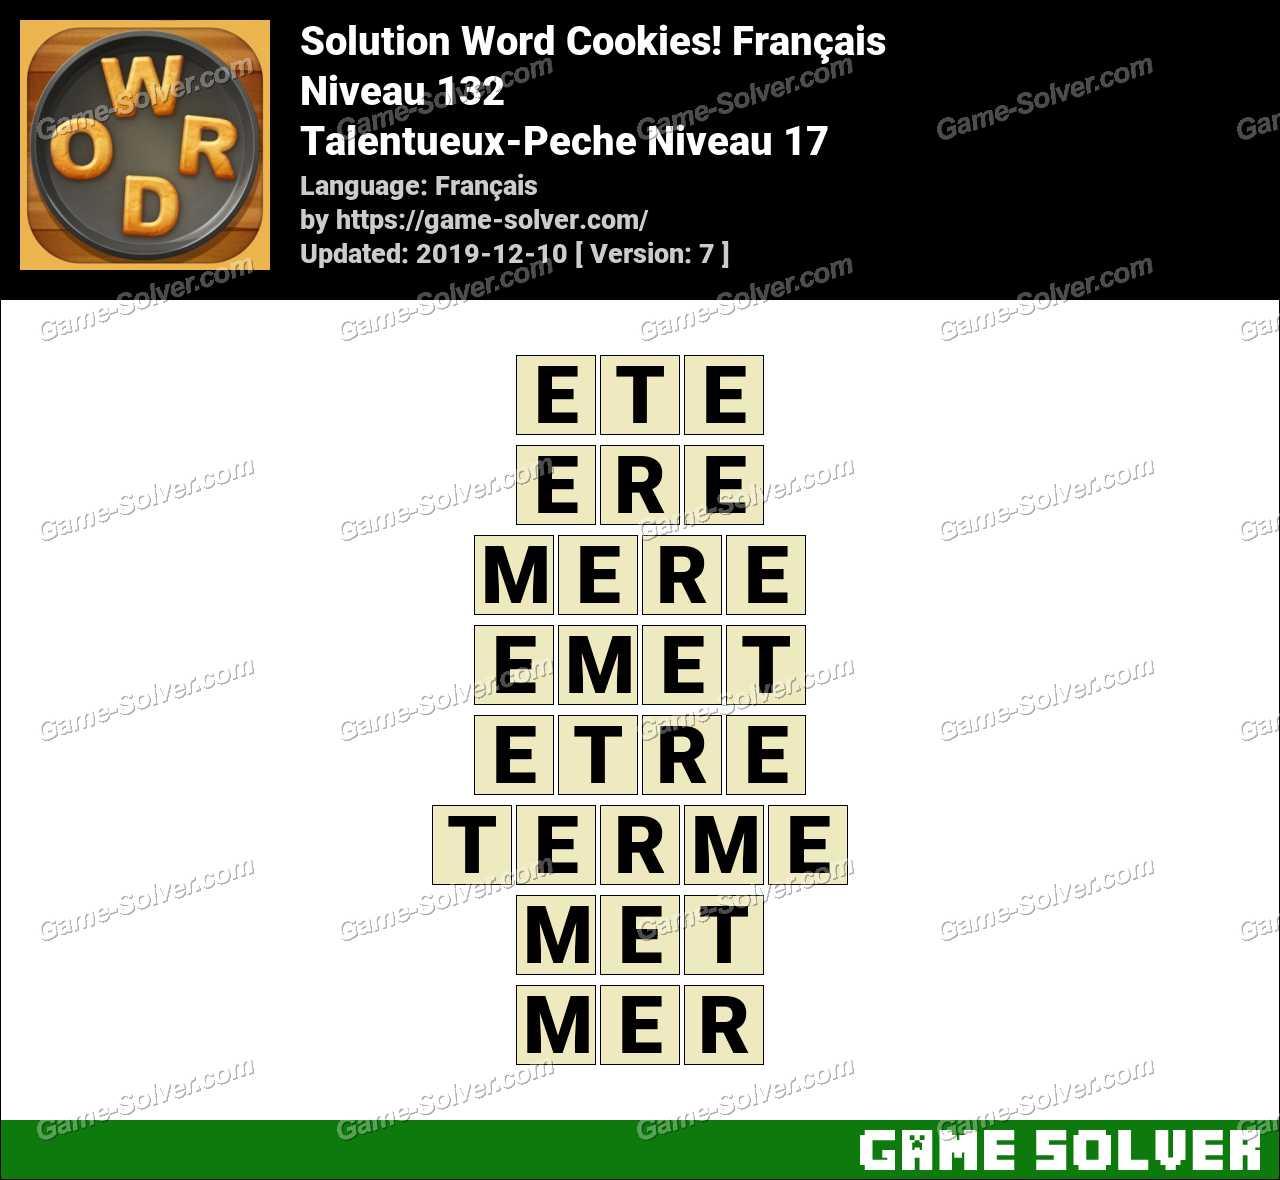 Solution Word Cookies Talentueux-Peche Niveau 17